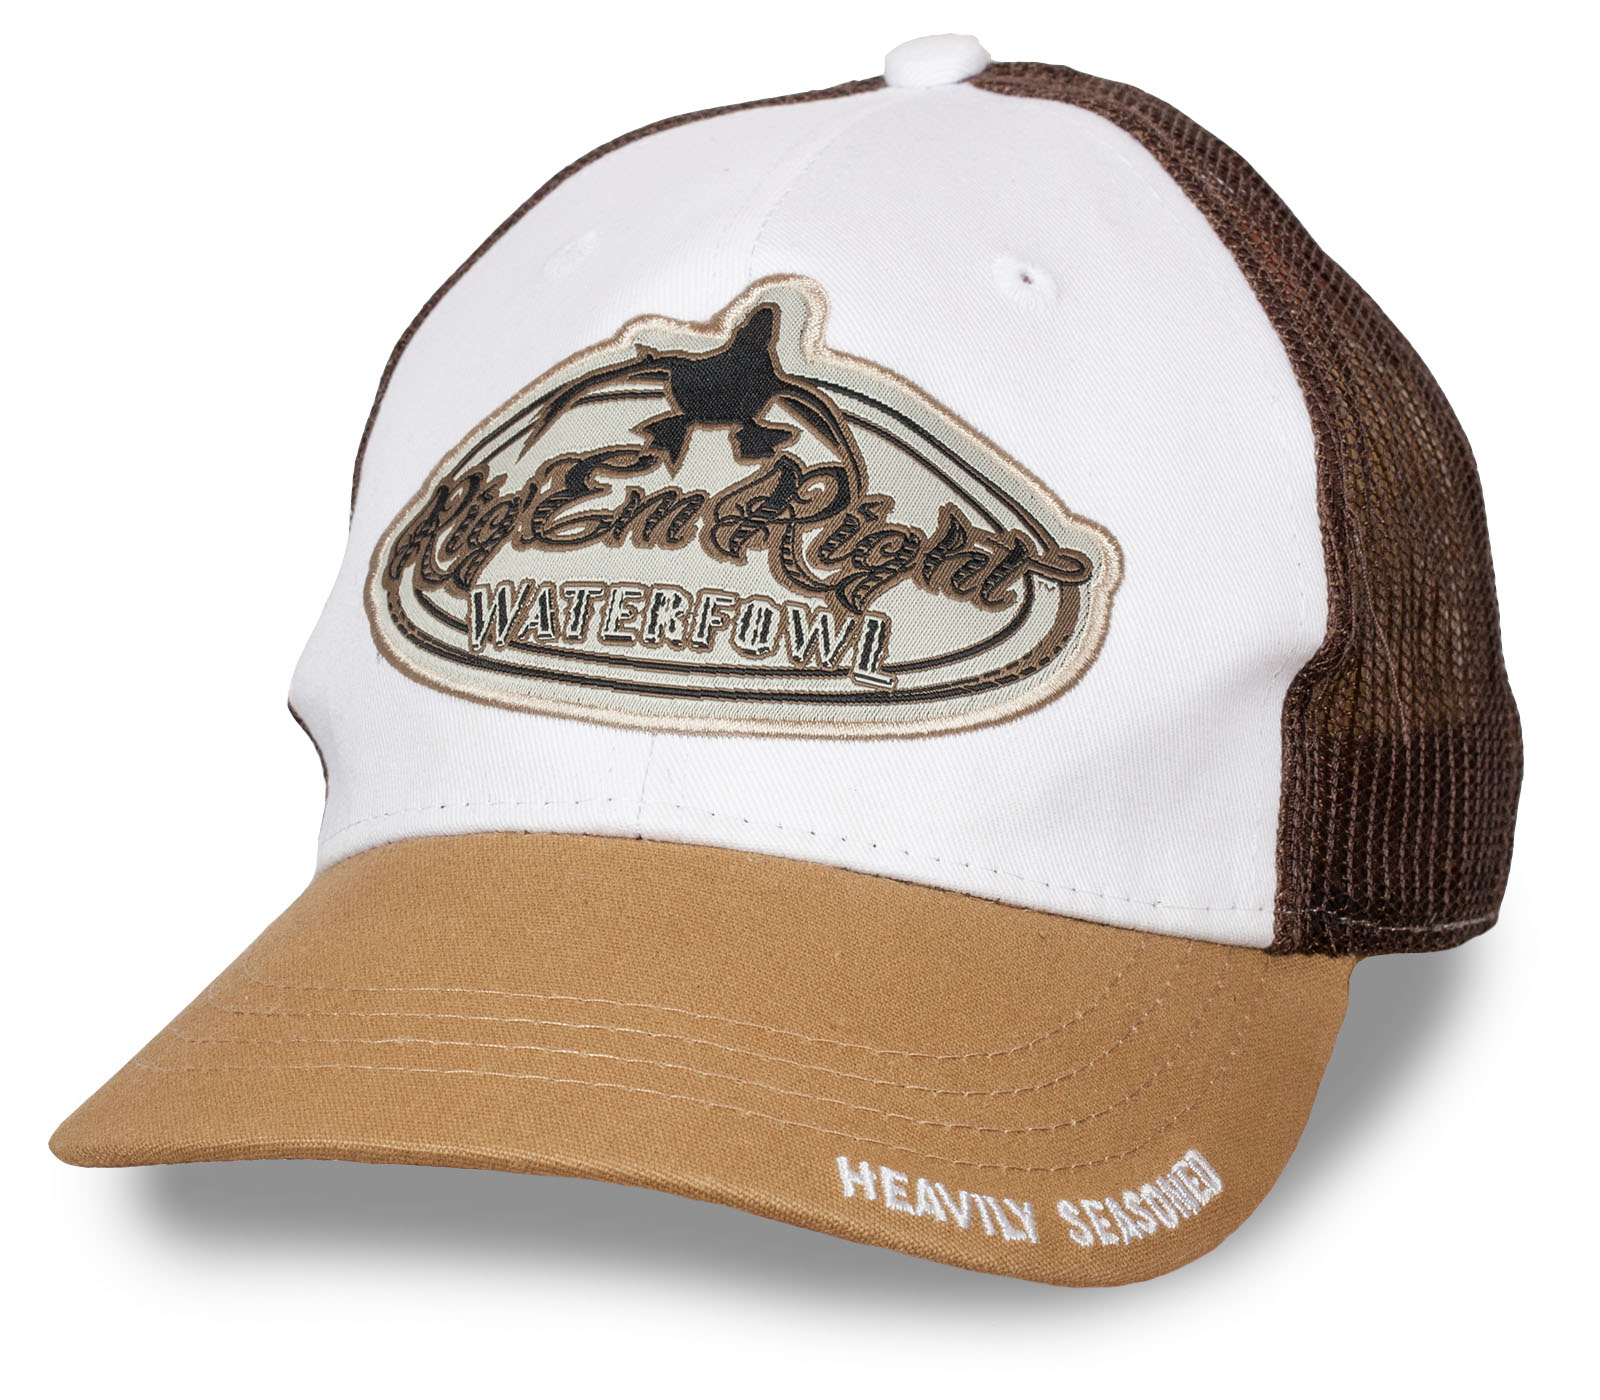 Заказать в интернет магазине бейсболку с сеткой от бренда Rig'em Right Waterfowl